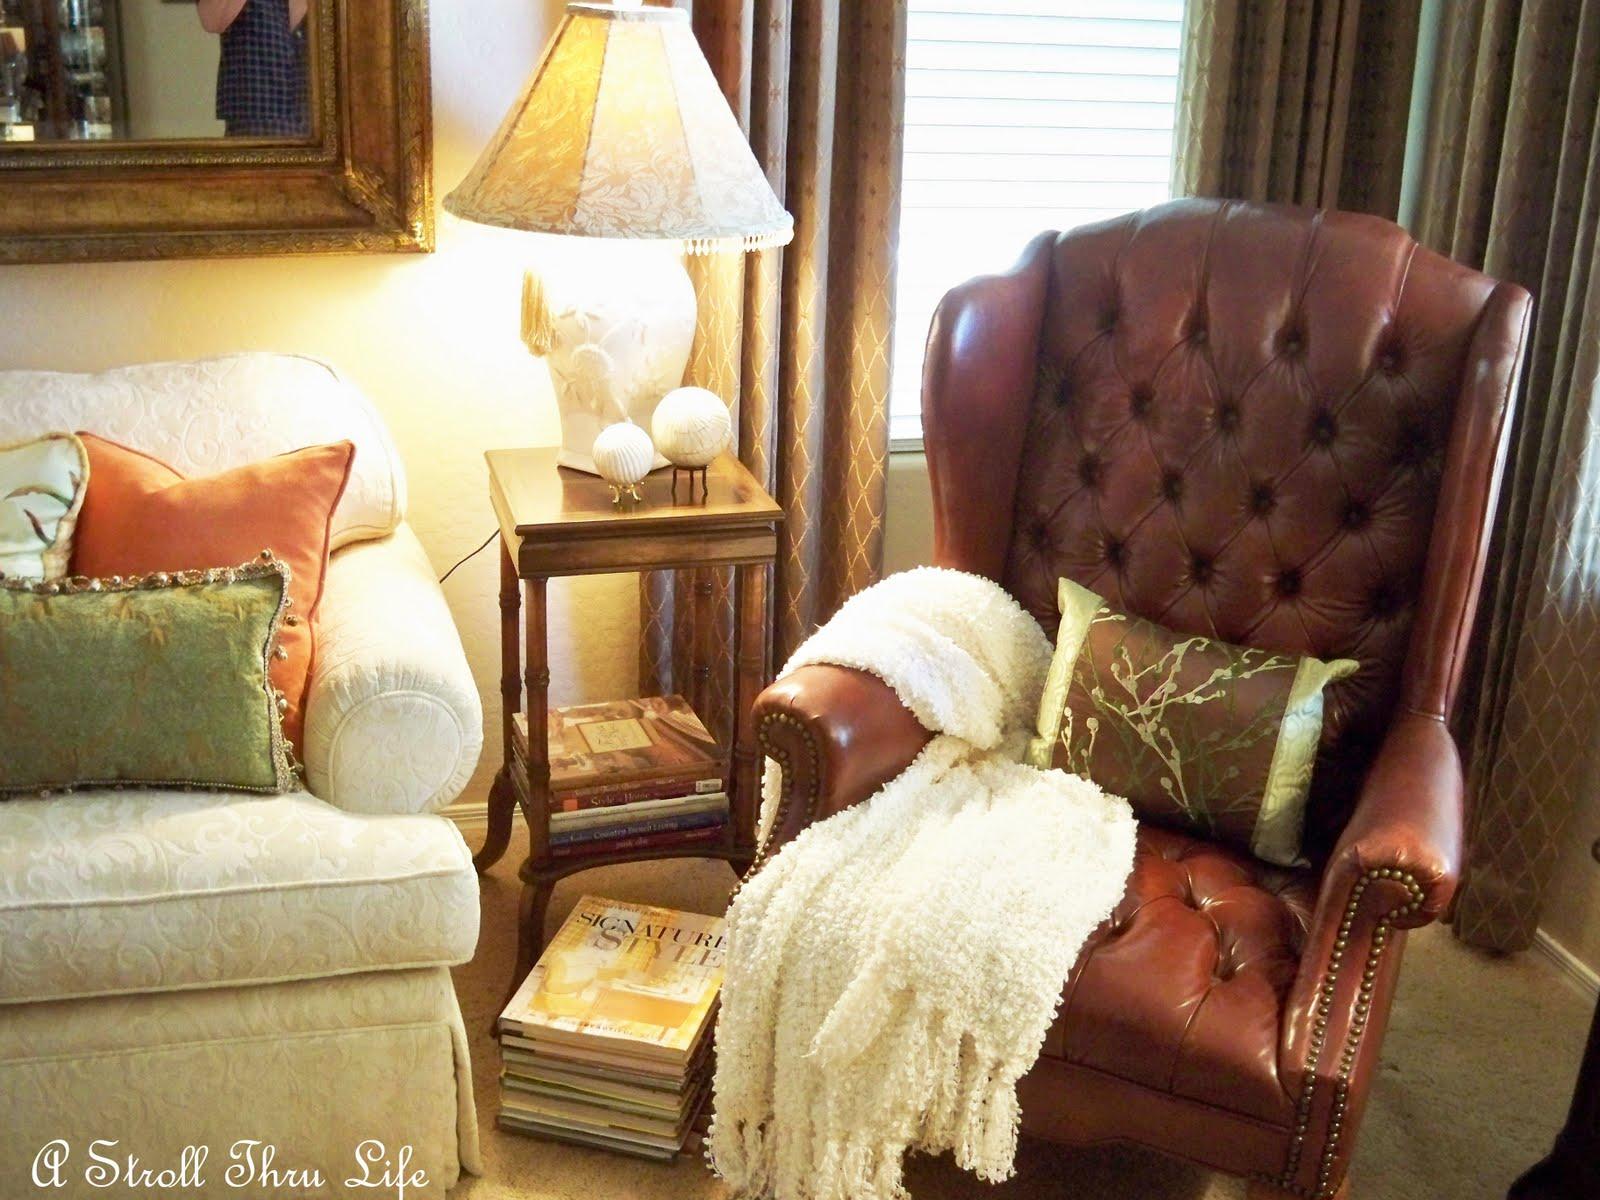 Mjesto gdje ćete uživati čitati  Uredite Dom